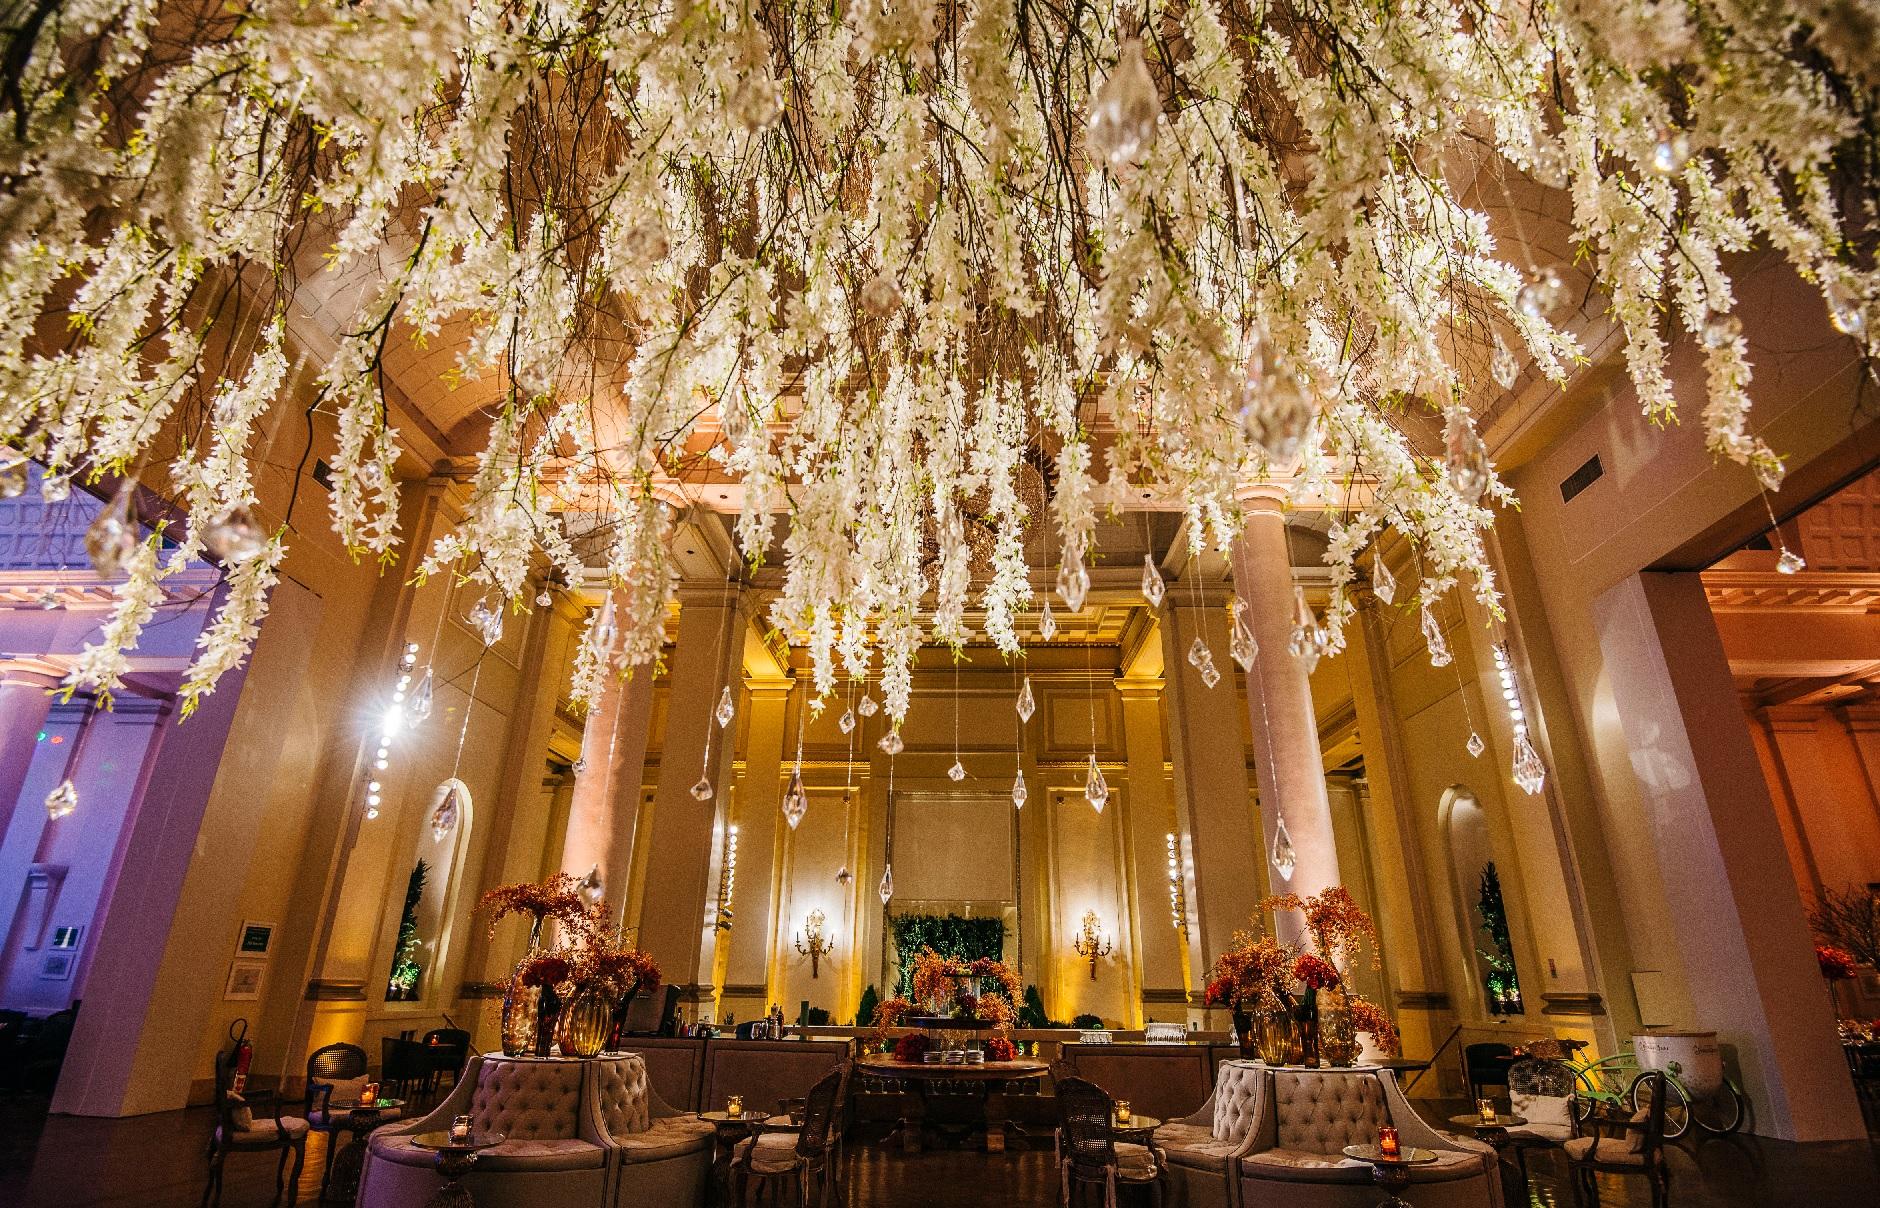 casamento-copacabana-palace-rj-5